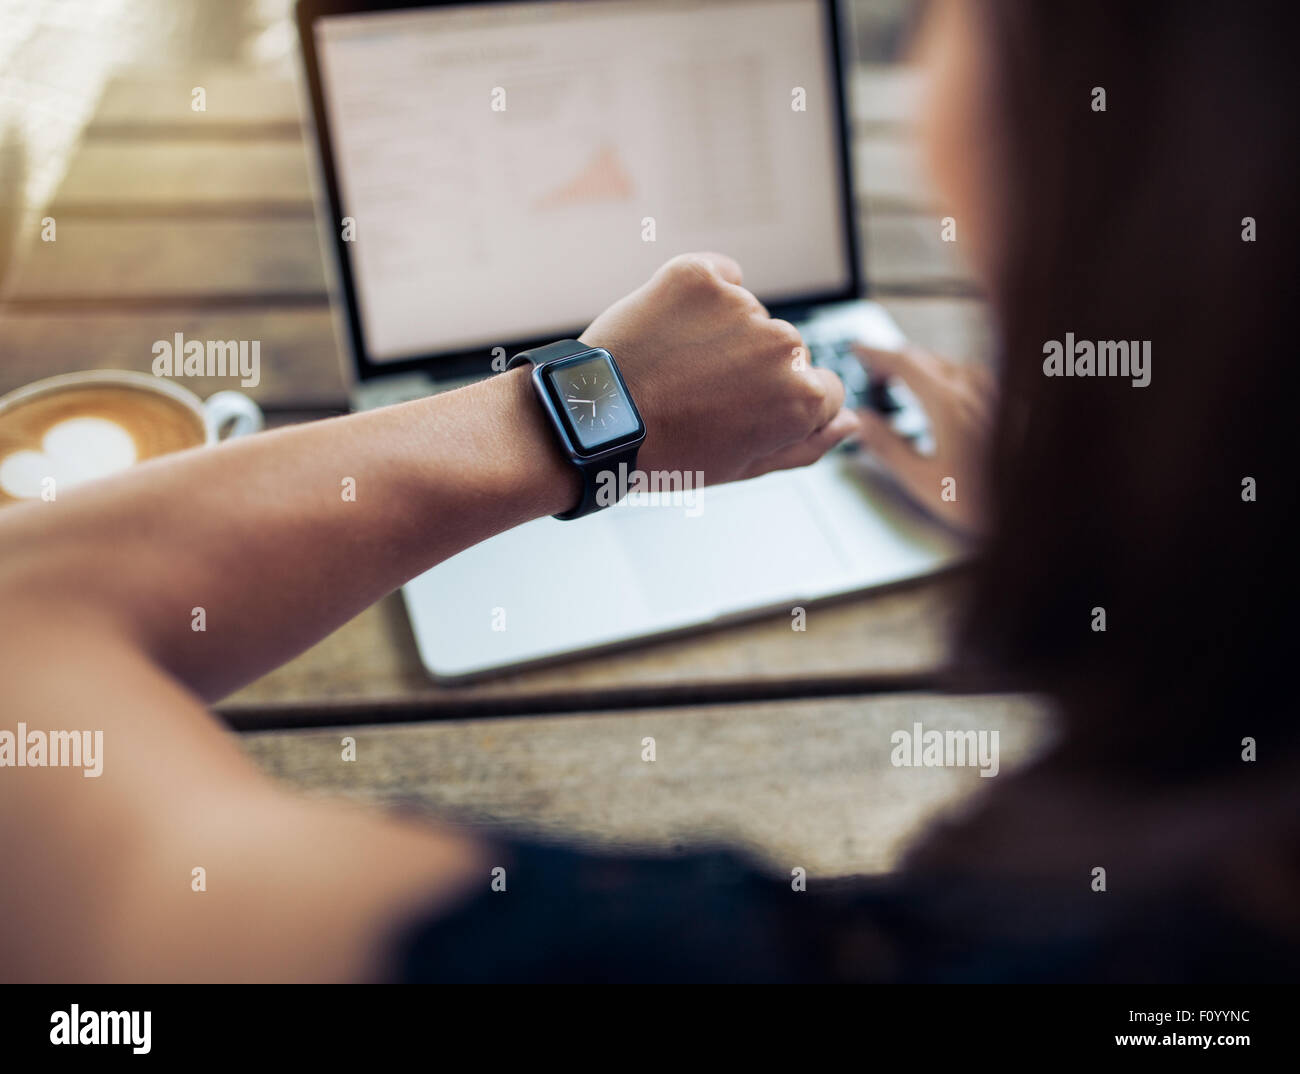 Aufnahme einer Überprüfung auf ihre Smartwatch Frau hautnah. Frauen sitzen im Café mit ein Laptop Stockbild